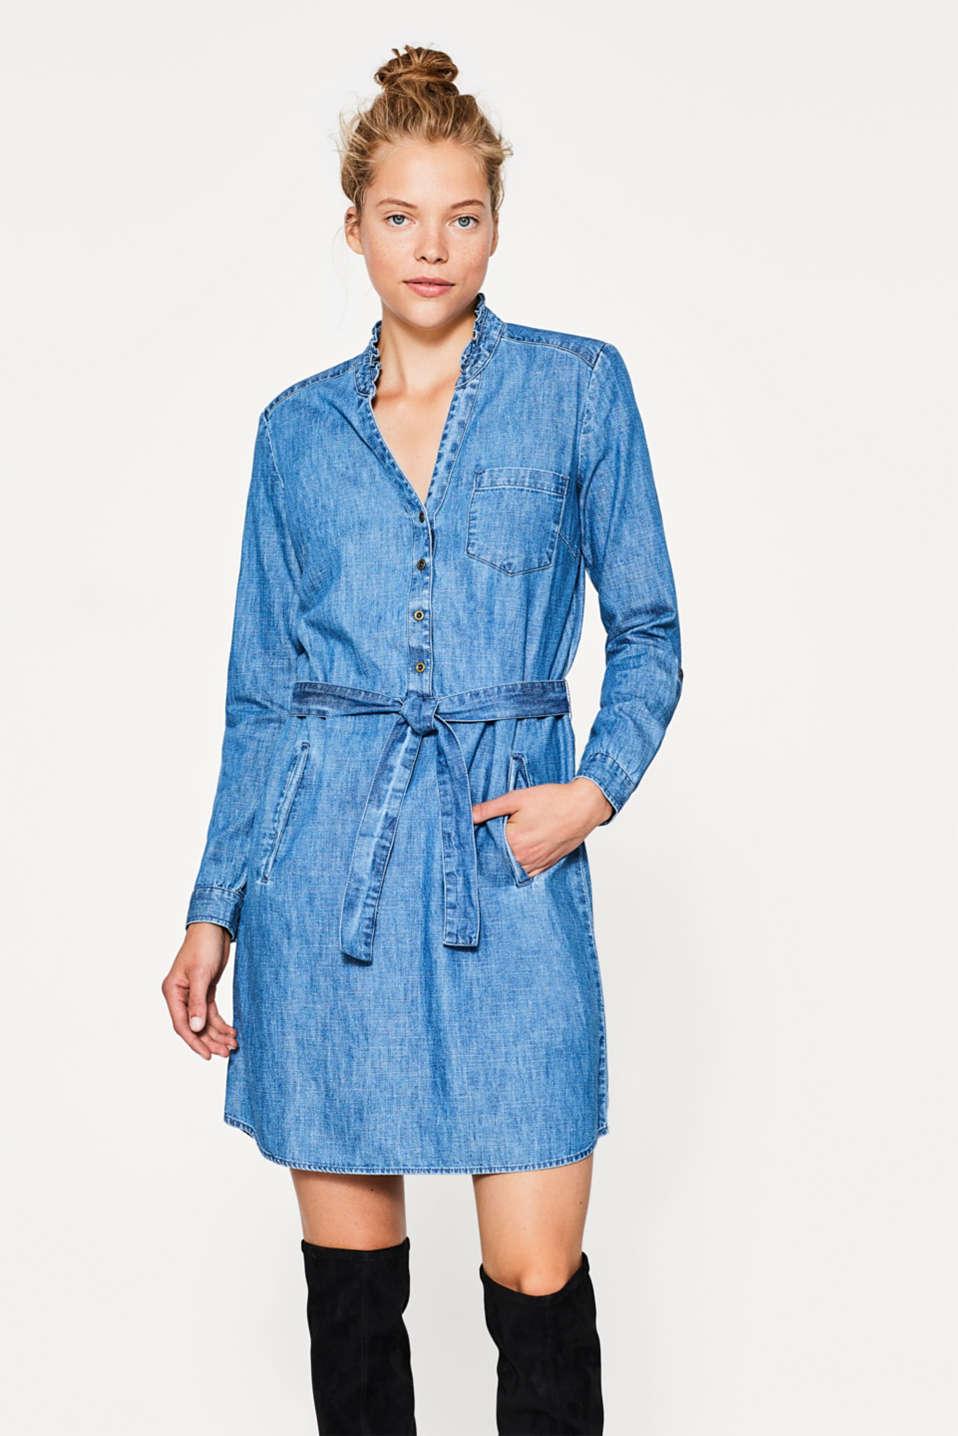 edc robe en jean 100 coton acheter sur la boutique en ligne. Black Bedroom Furniture Sets. Home Design Ideas